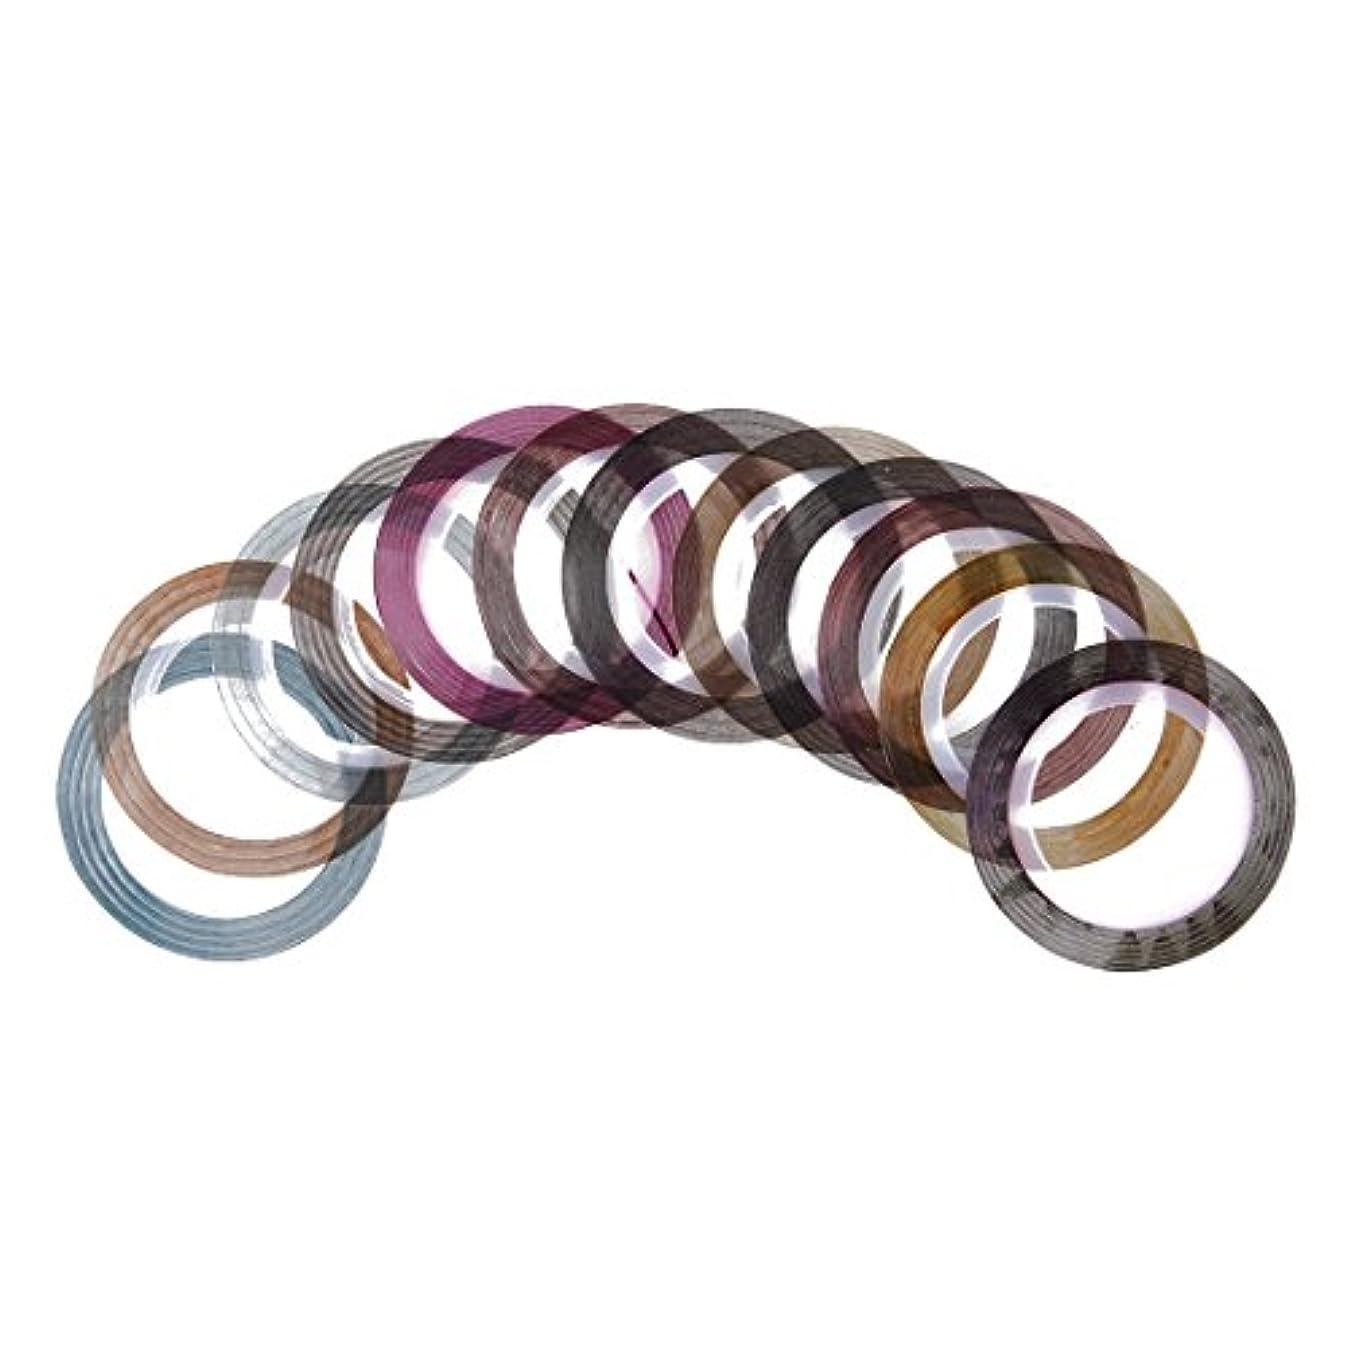 織る同情摂動RETYLY 12カラーネイルアートチップのネイルテープトリムラインストライプロールステッカー新しい